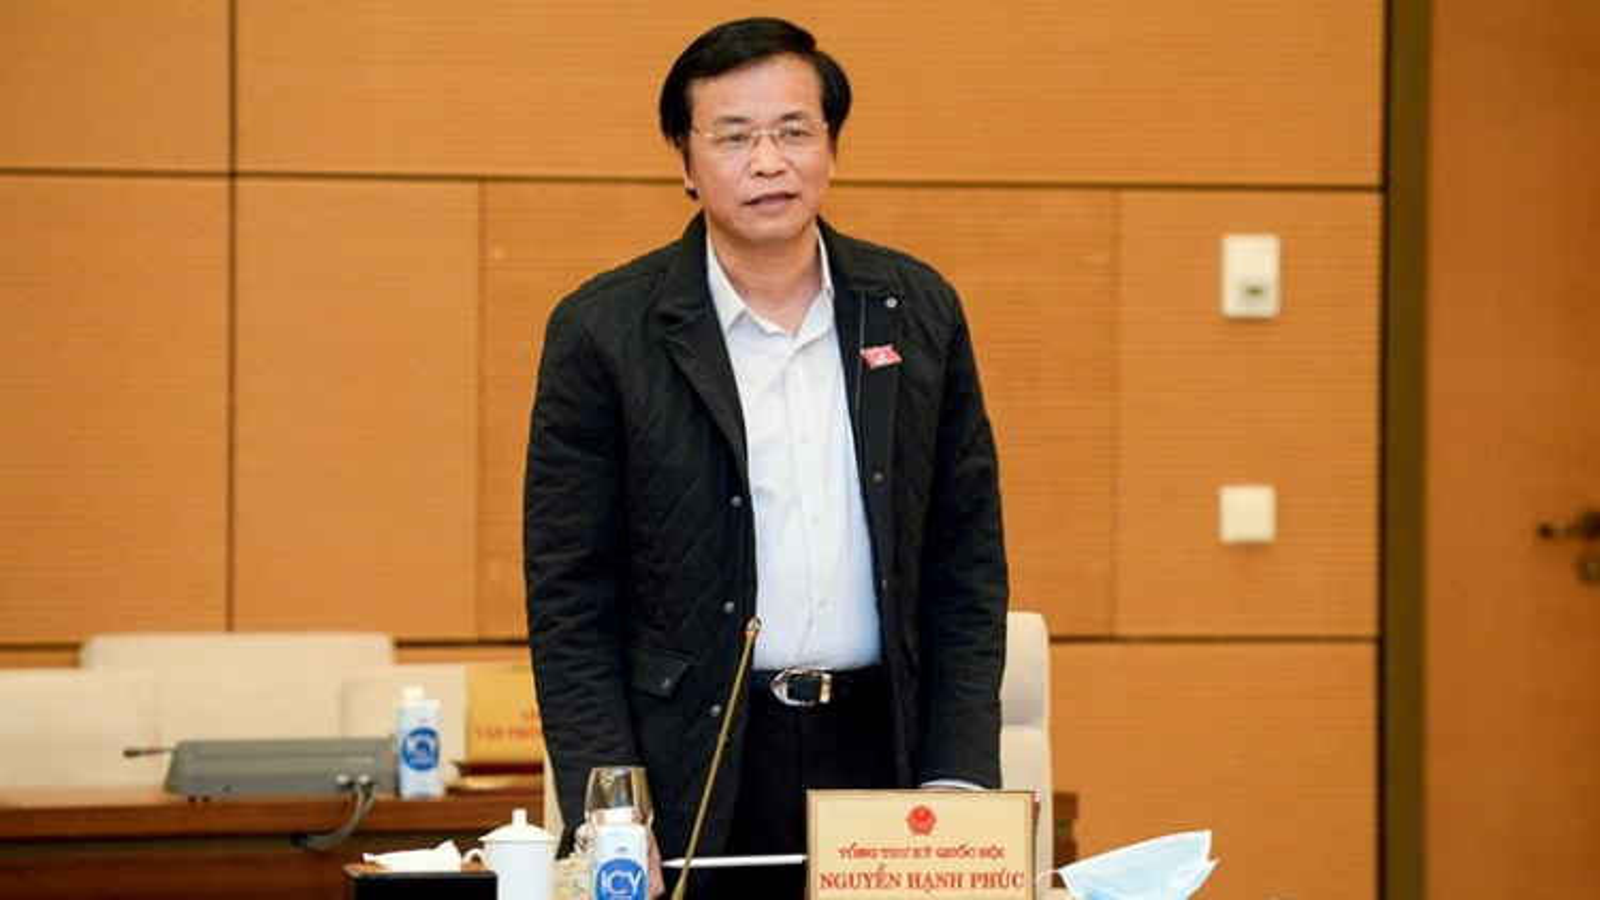 Quốc hội đánh giá công tác nhiệm kỳ Chủ tịch nước, Chính phủ tại Kỳ họp 11